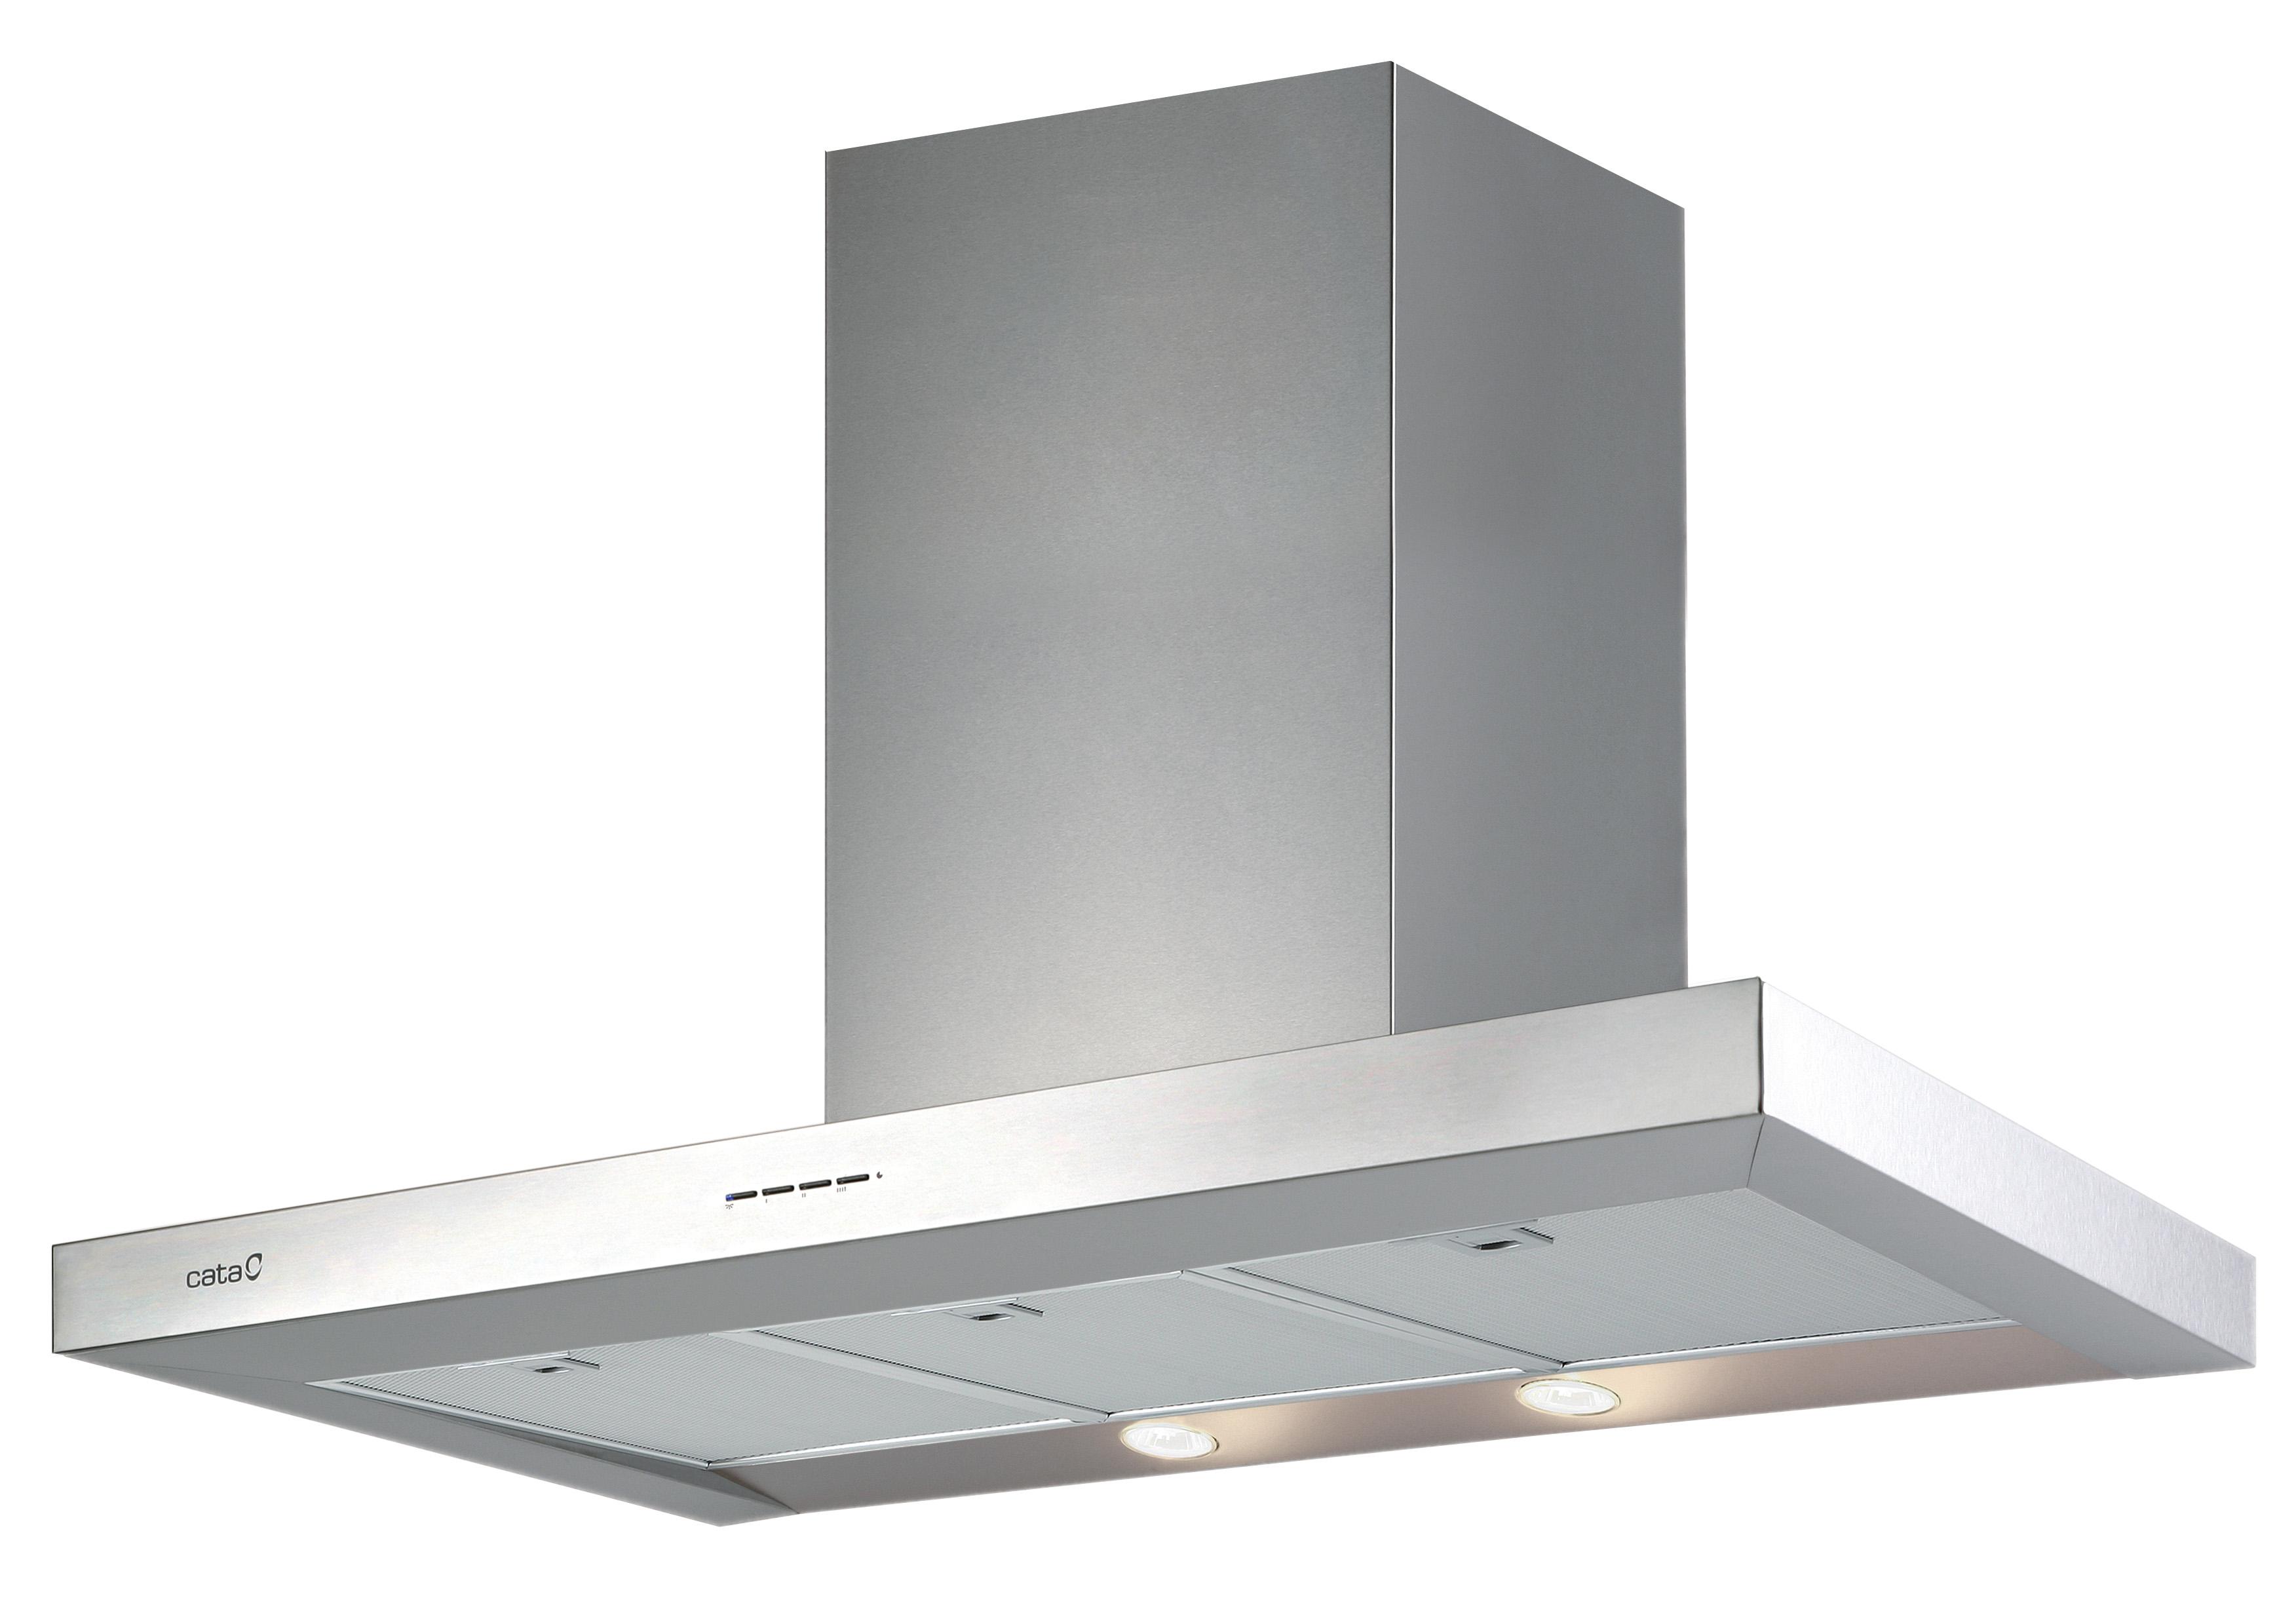 Sygma Cata Appliances